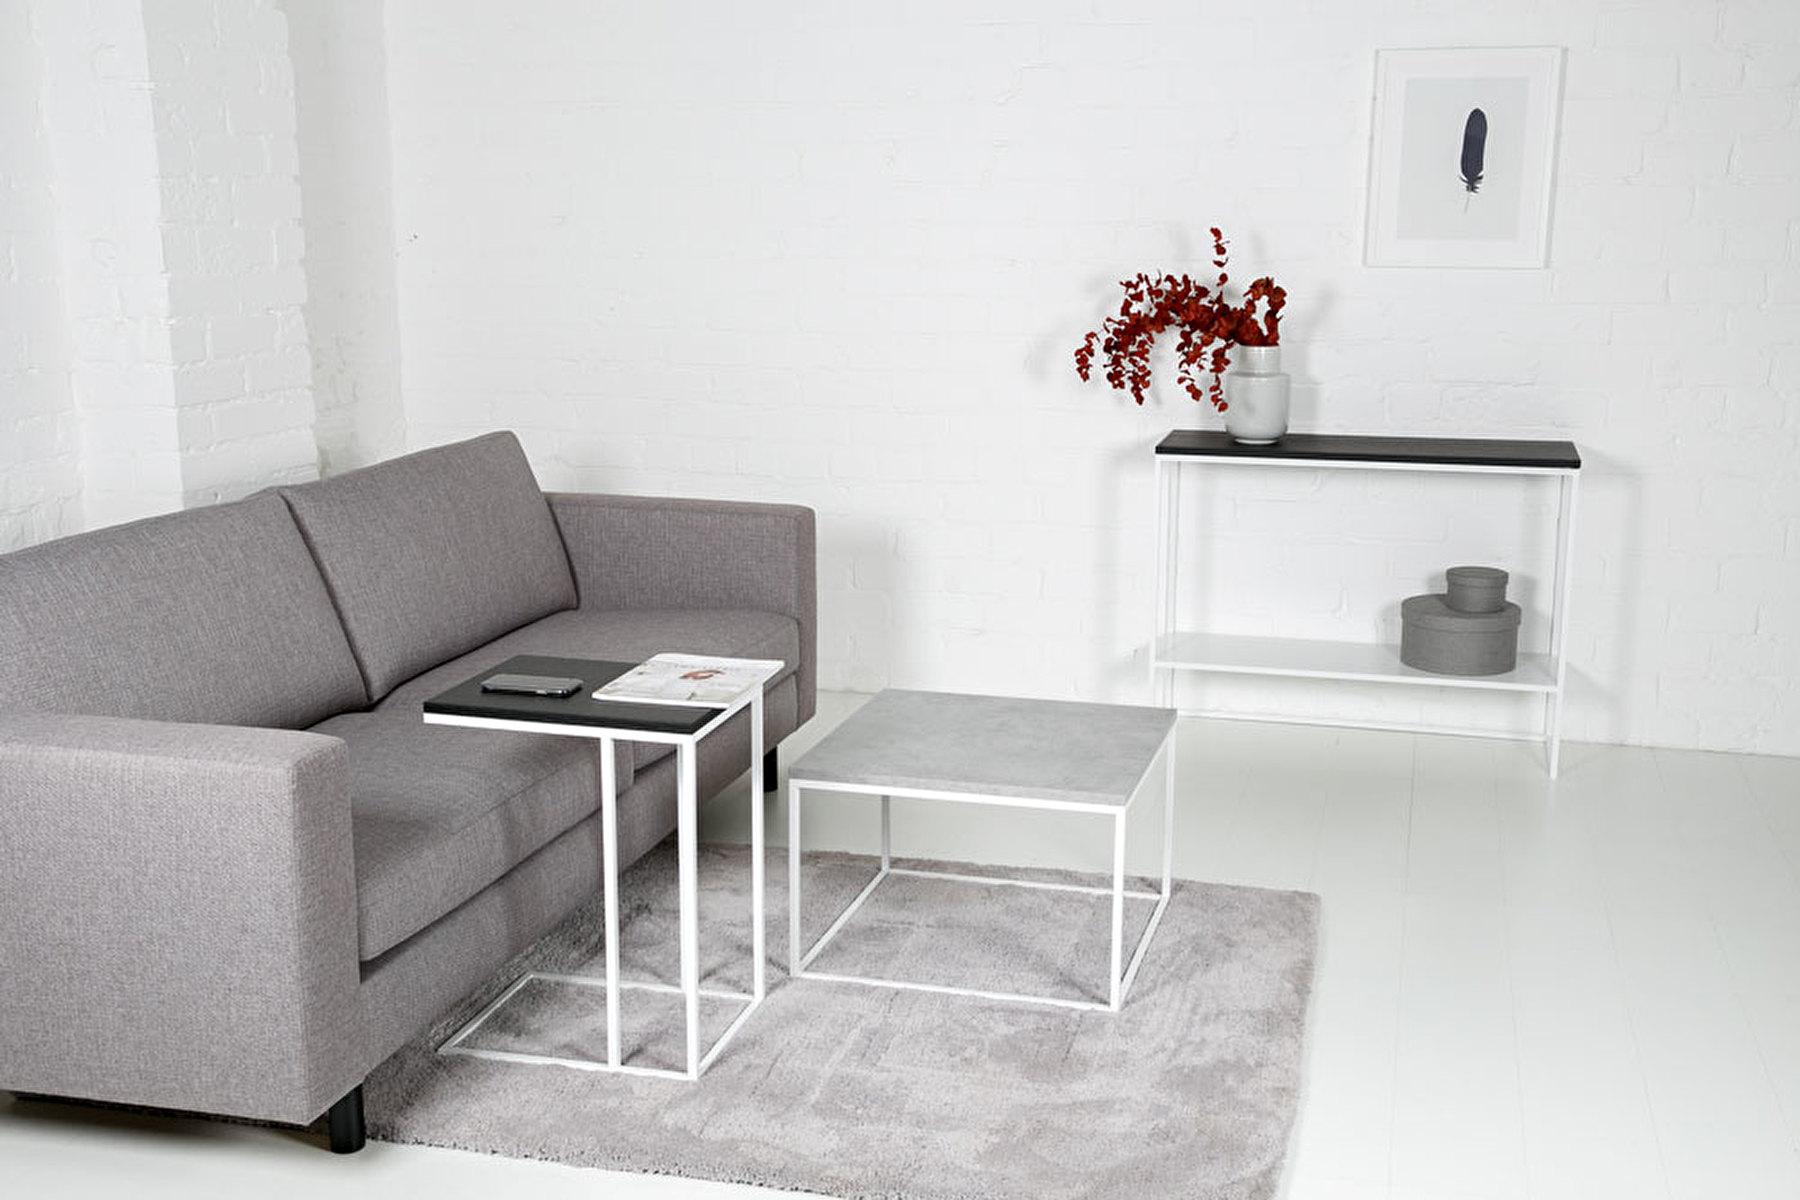 forest wei couchtisch quadratisch elensen. Black Bedroom Furniture Sets. Home Design Ideas